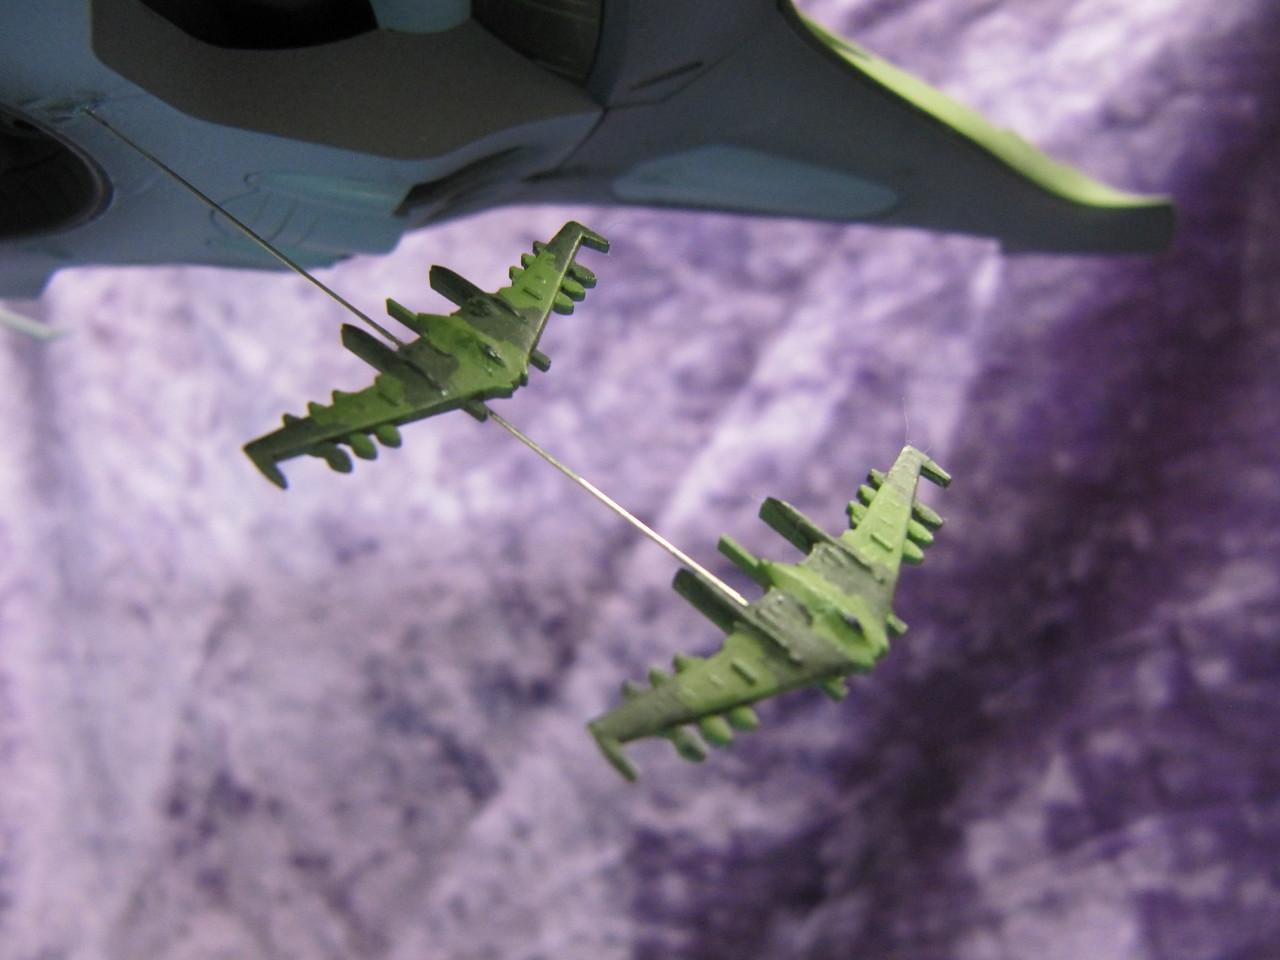 Micro-sized DWG229's in flight...